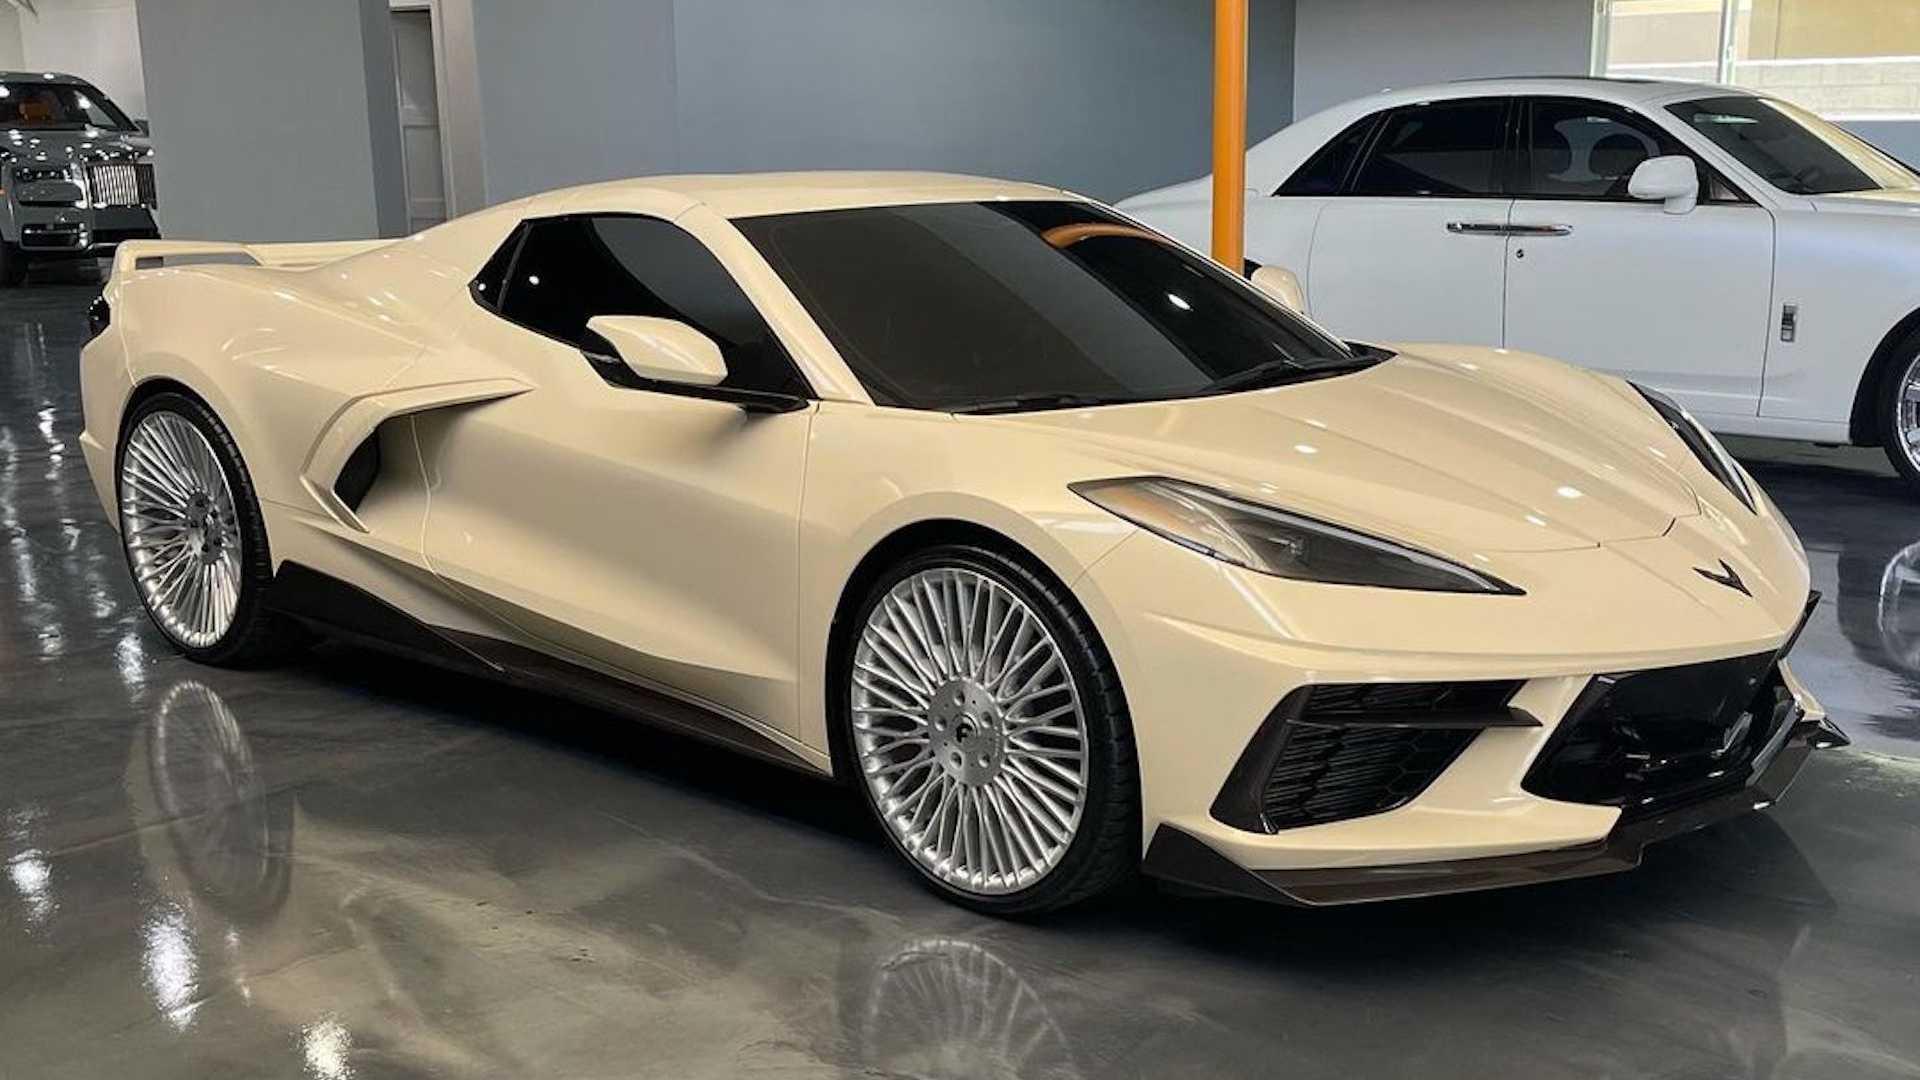 Bej renkli bir Corvette'i ilk kez görüyor olmalısınız